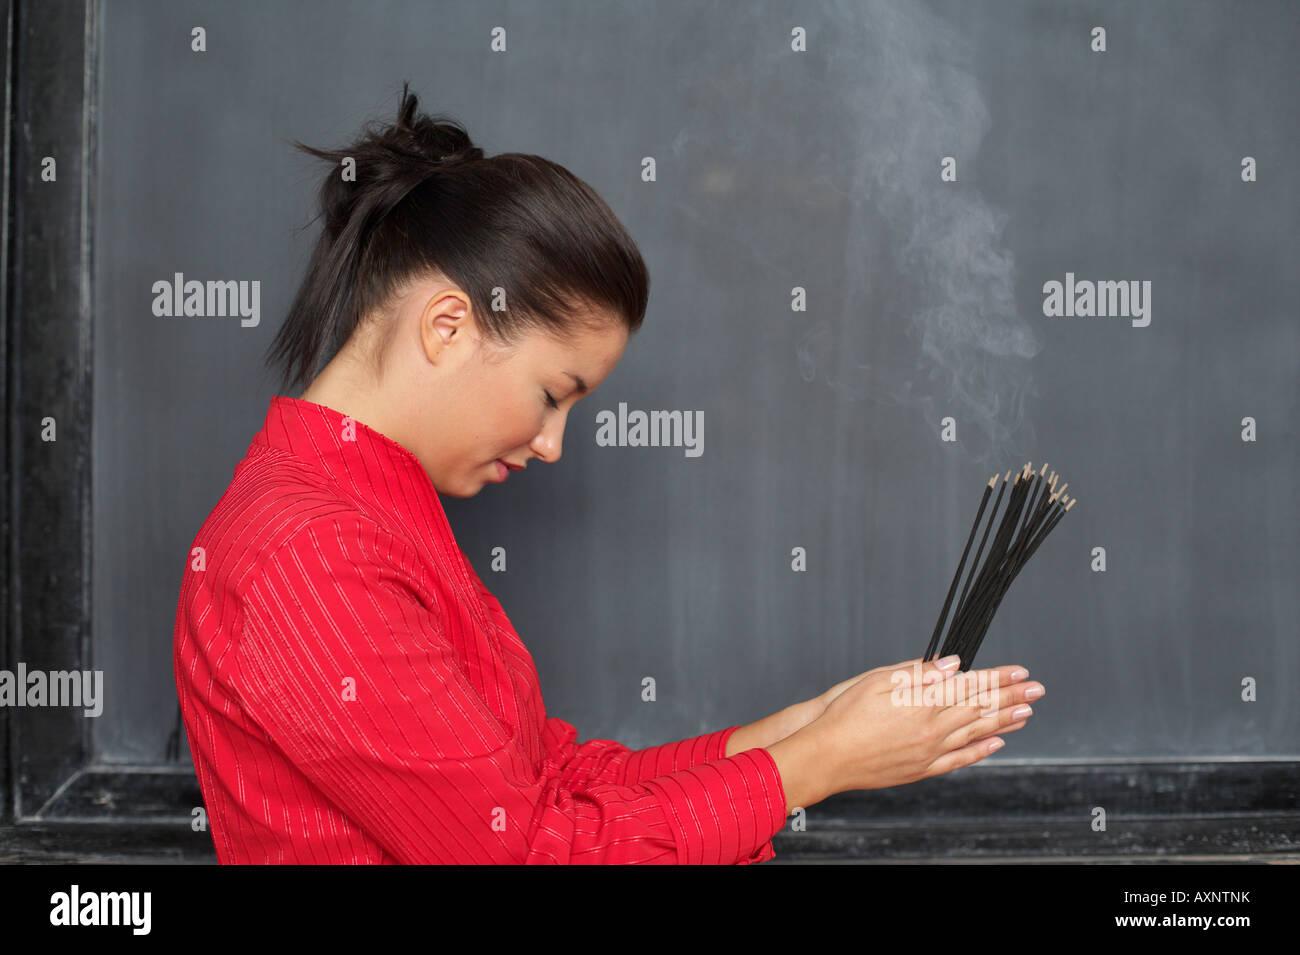 Asiatische Frau hält Stäbchen vor einer Tafel Stockbild